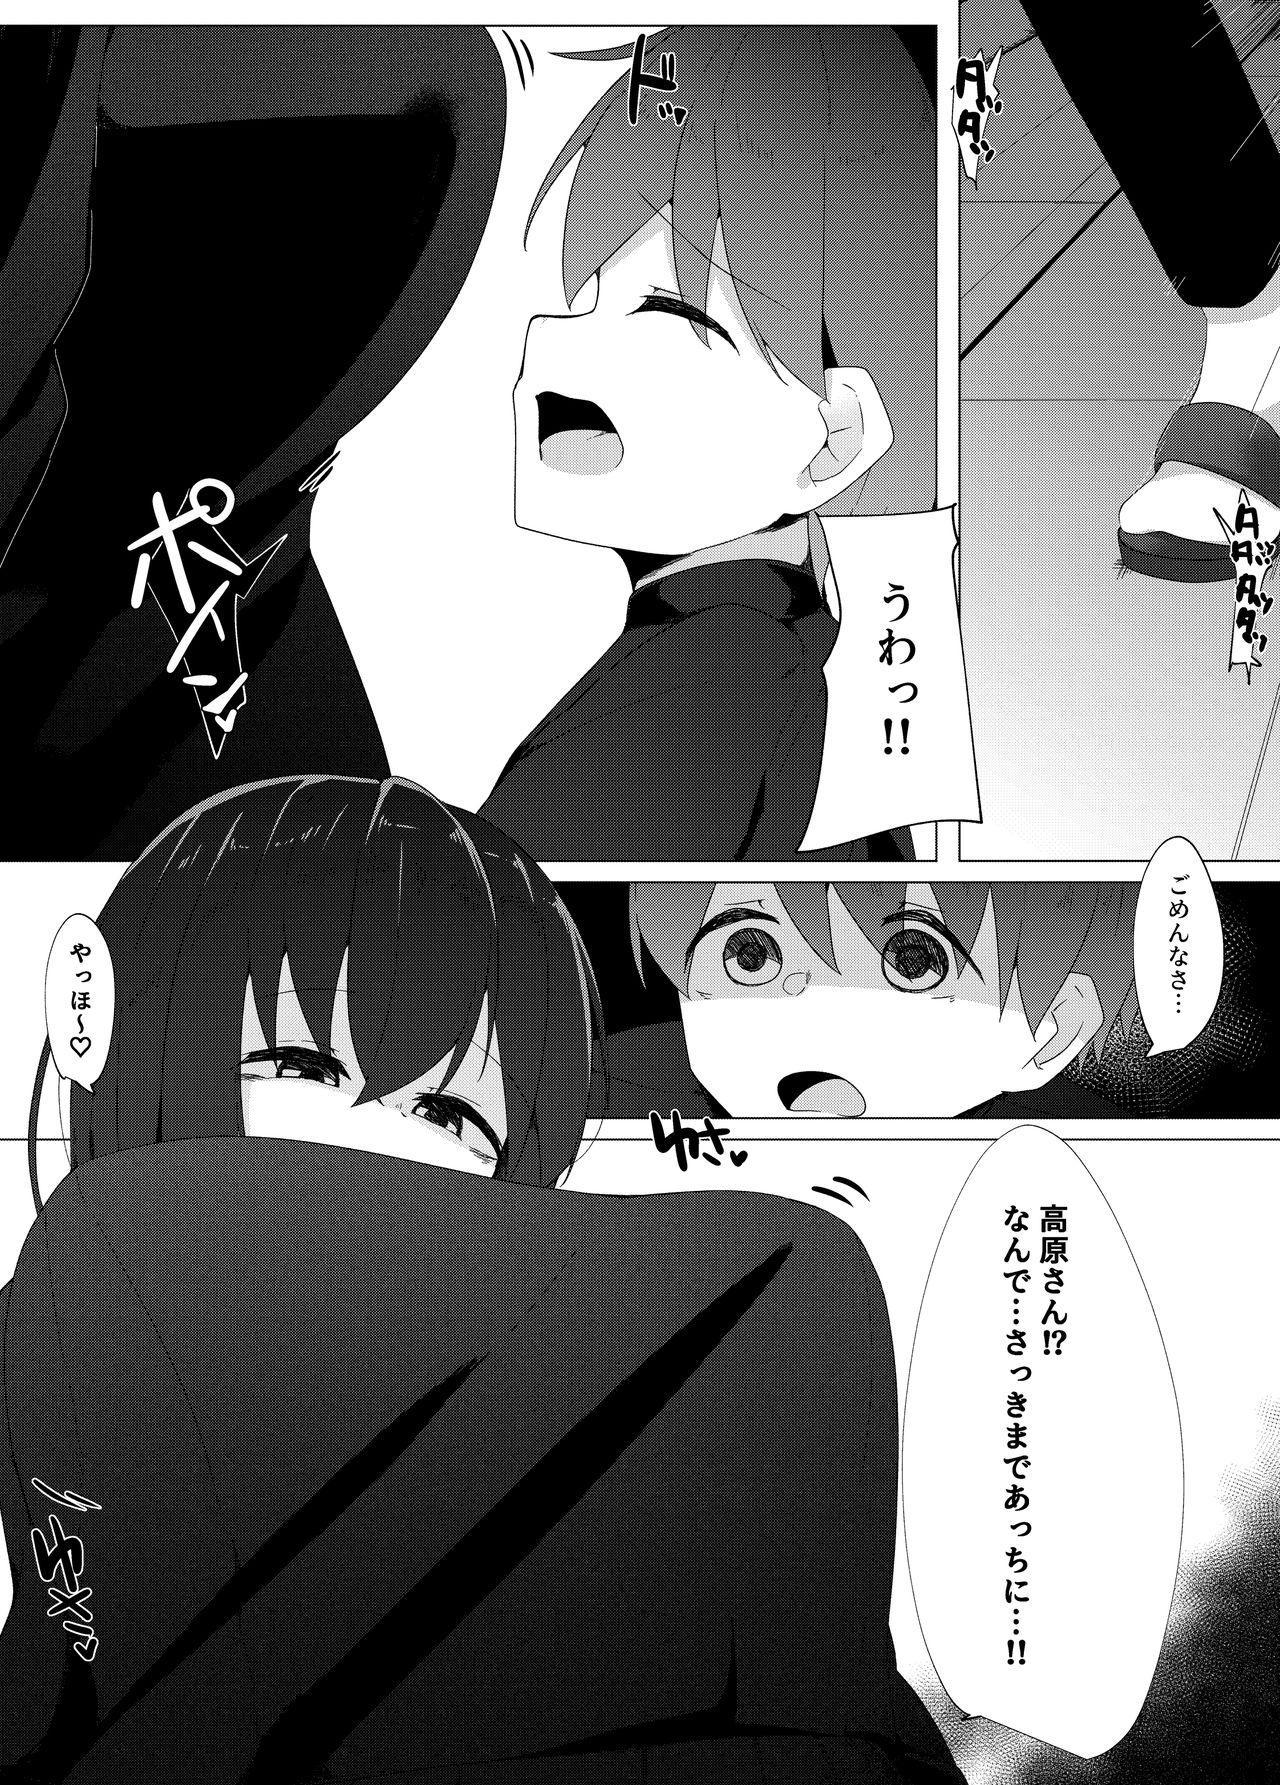 Tenkousei no Succubus ga 〇 Gakkou o Nottori Sakusei Shisetsu ni Shichau Hanashi 5